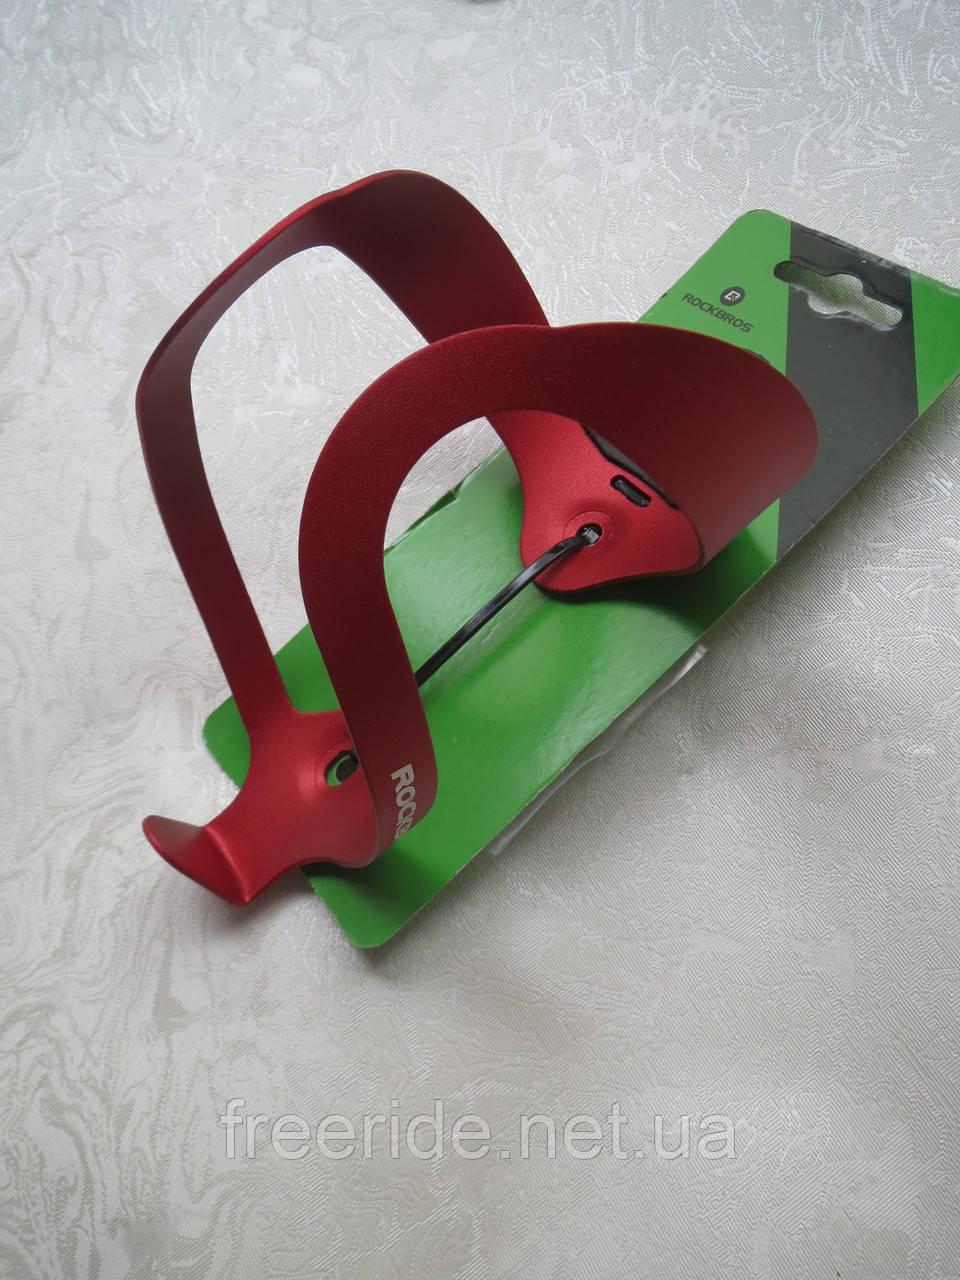 Флягодержатель Rockbros (красный) подфляжник алюминиевый